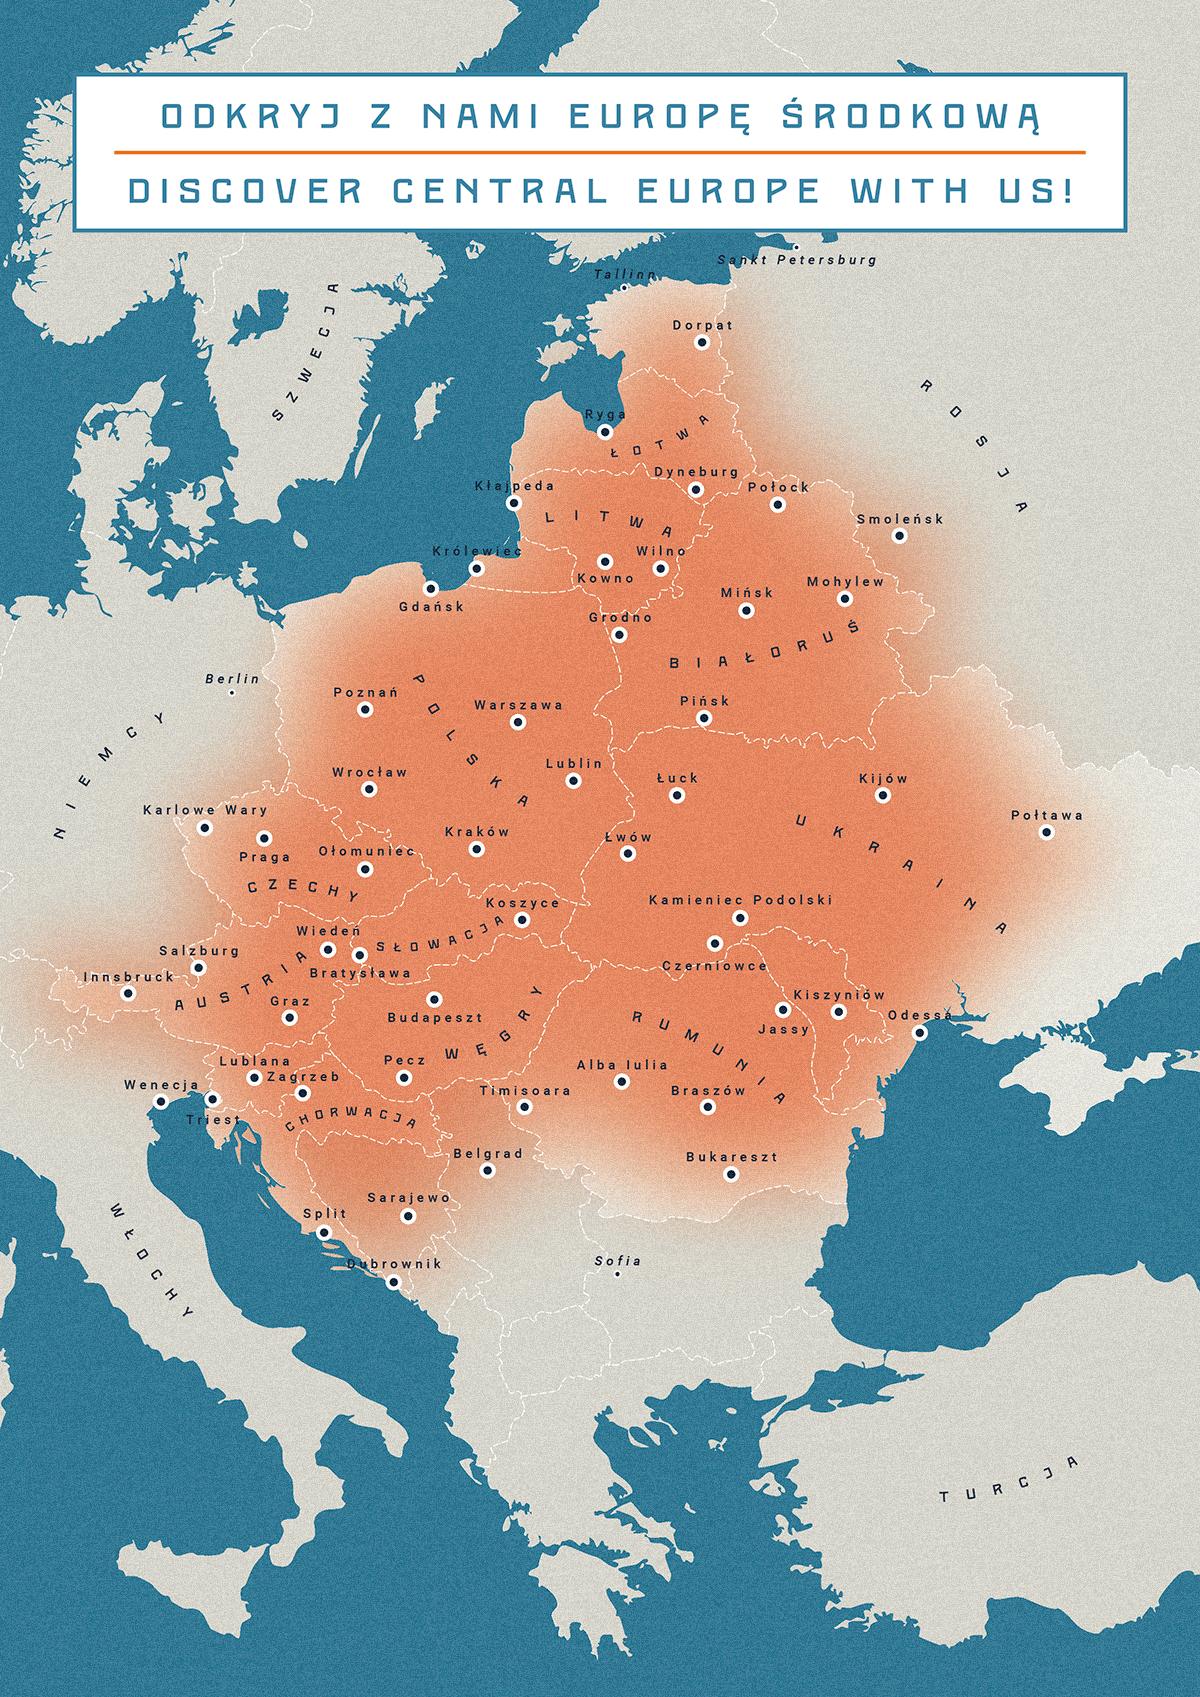 kse_mapa_1200_fb